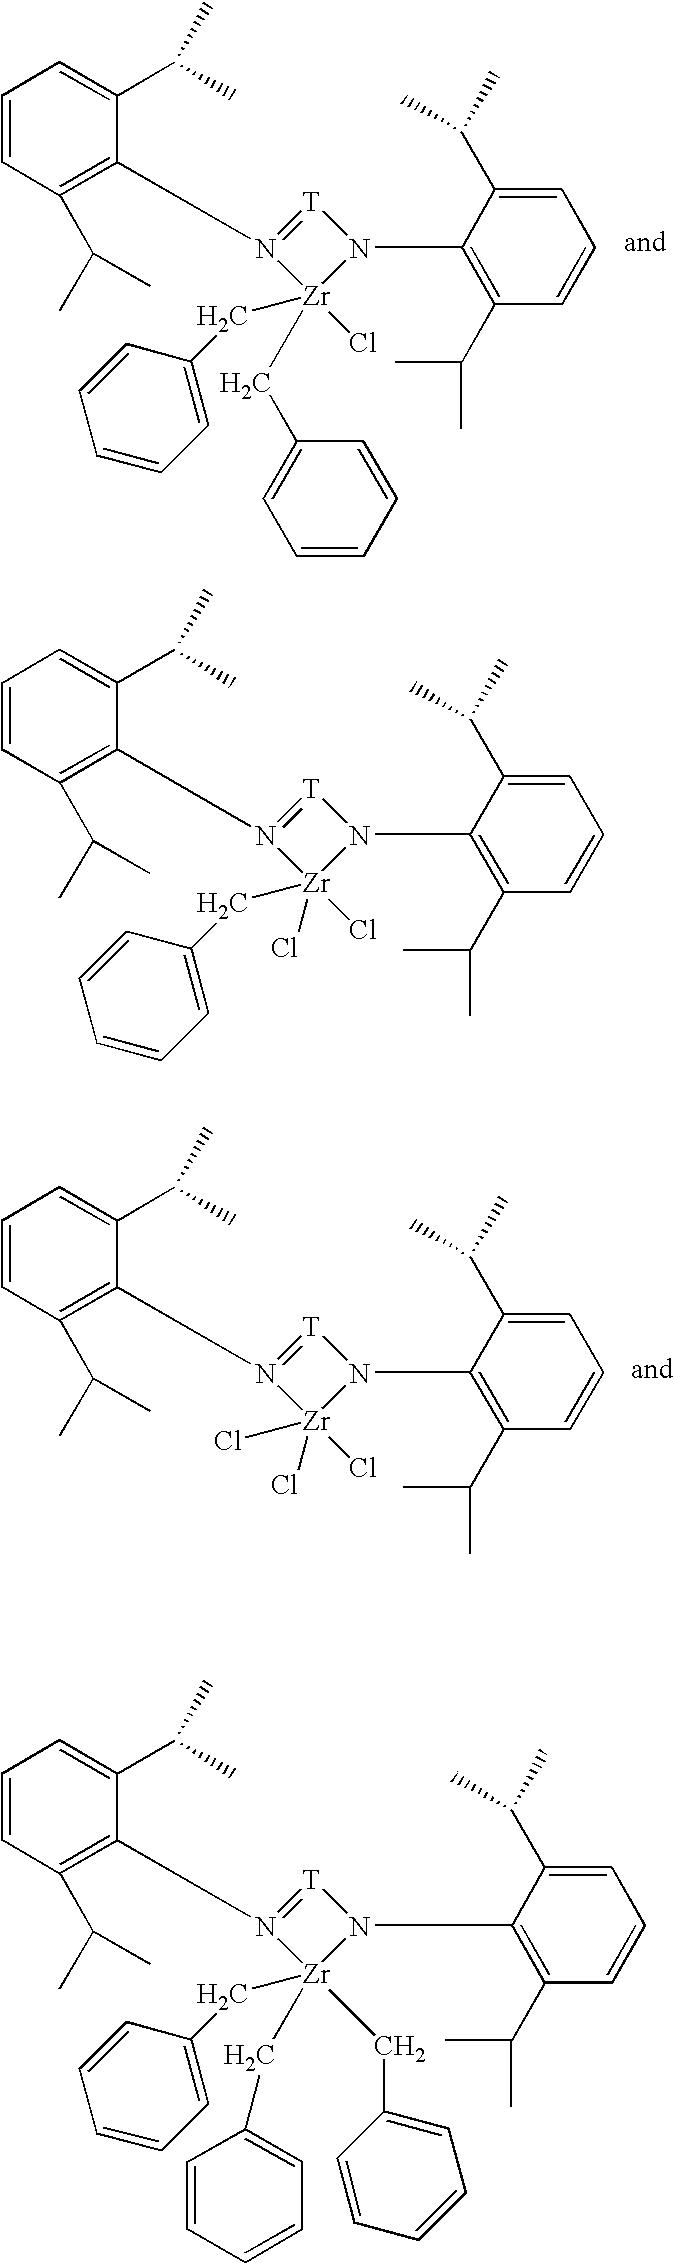 Figure US07199255-20070403-C00033